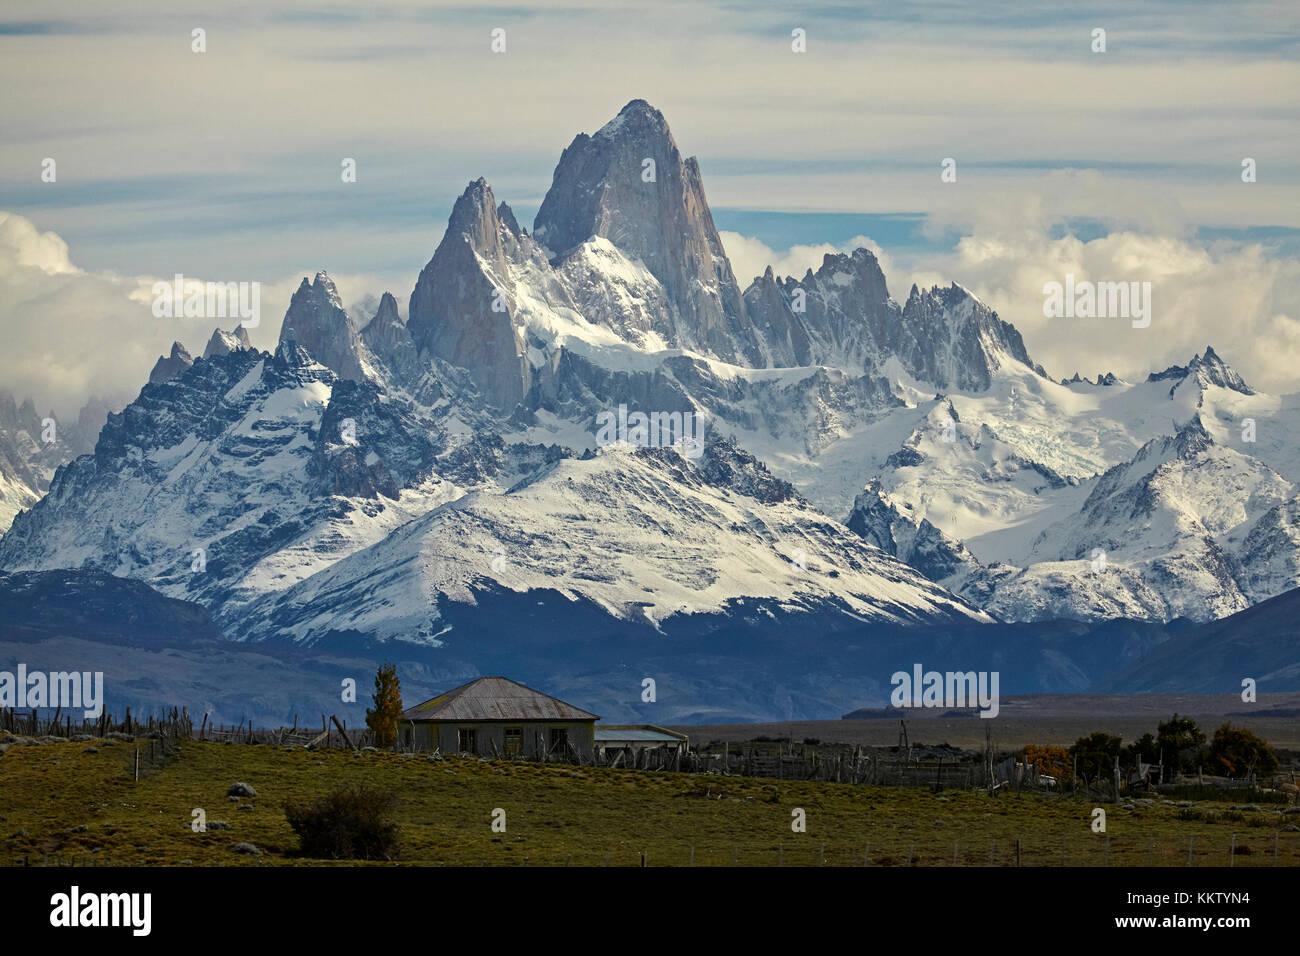 Monte Fitz Roy, Parque Nacional los Glaciares (Patrimonio de la Humanidad), y casa de campo, Patagonia, Argentina, Sudamérica Foto de stock